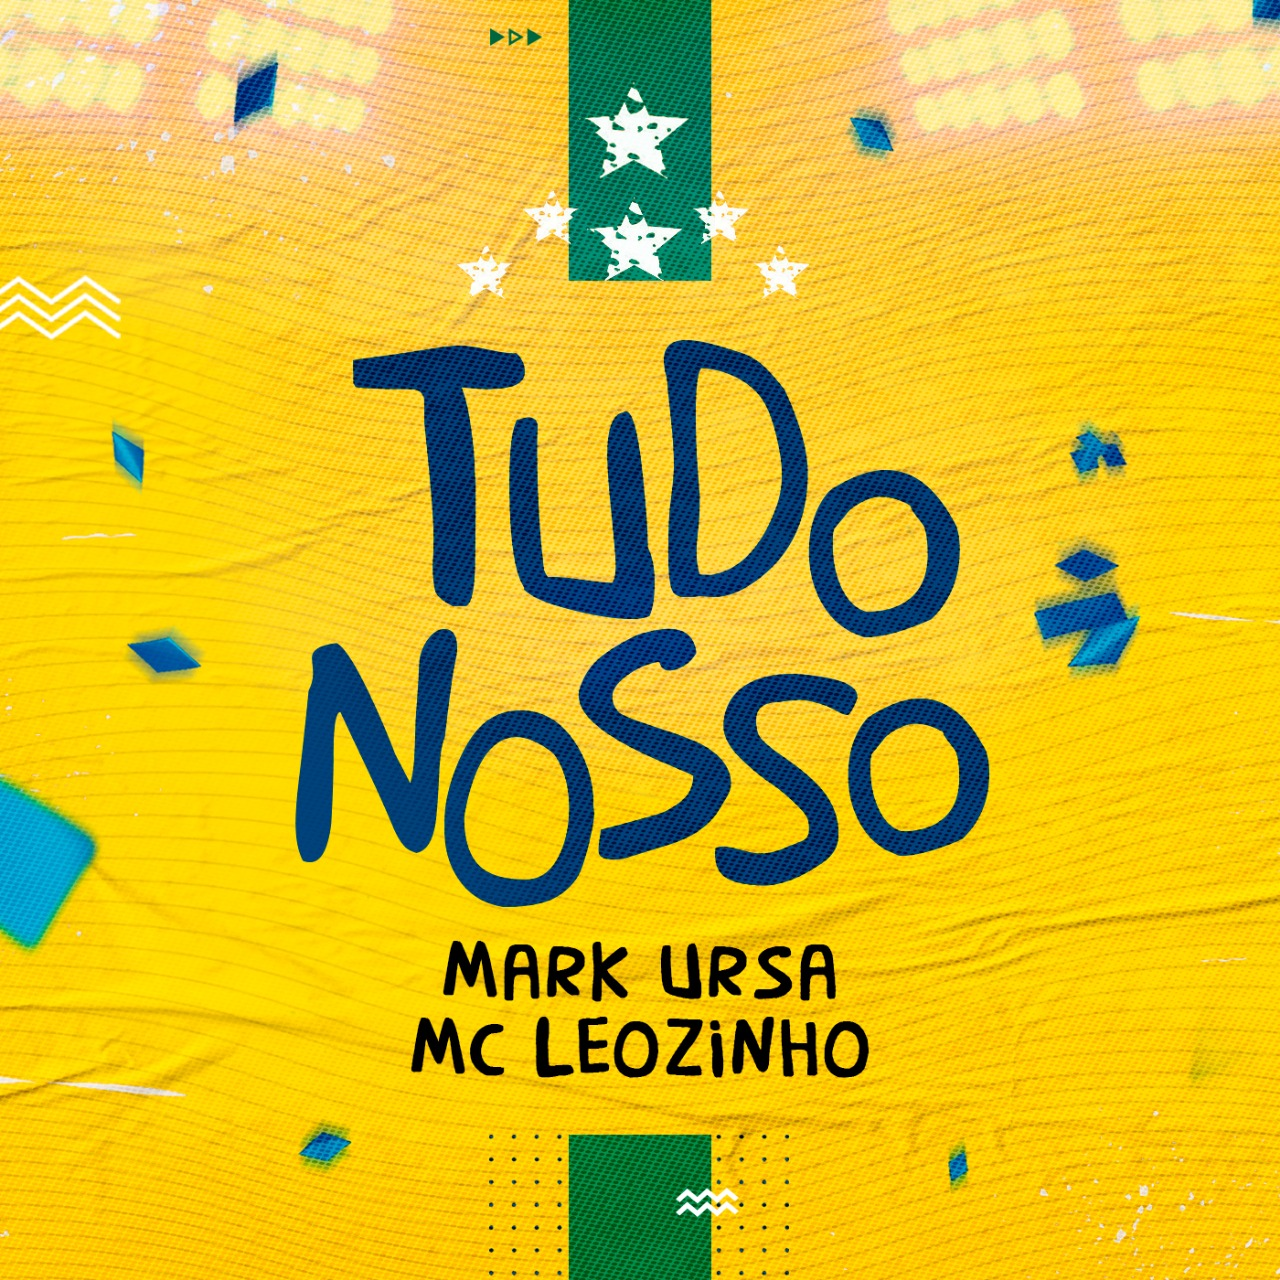 Mark Ursa, MC Leozinho